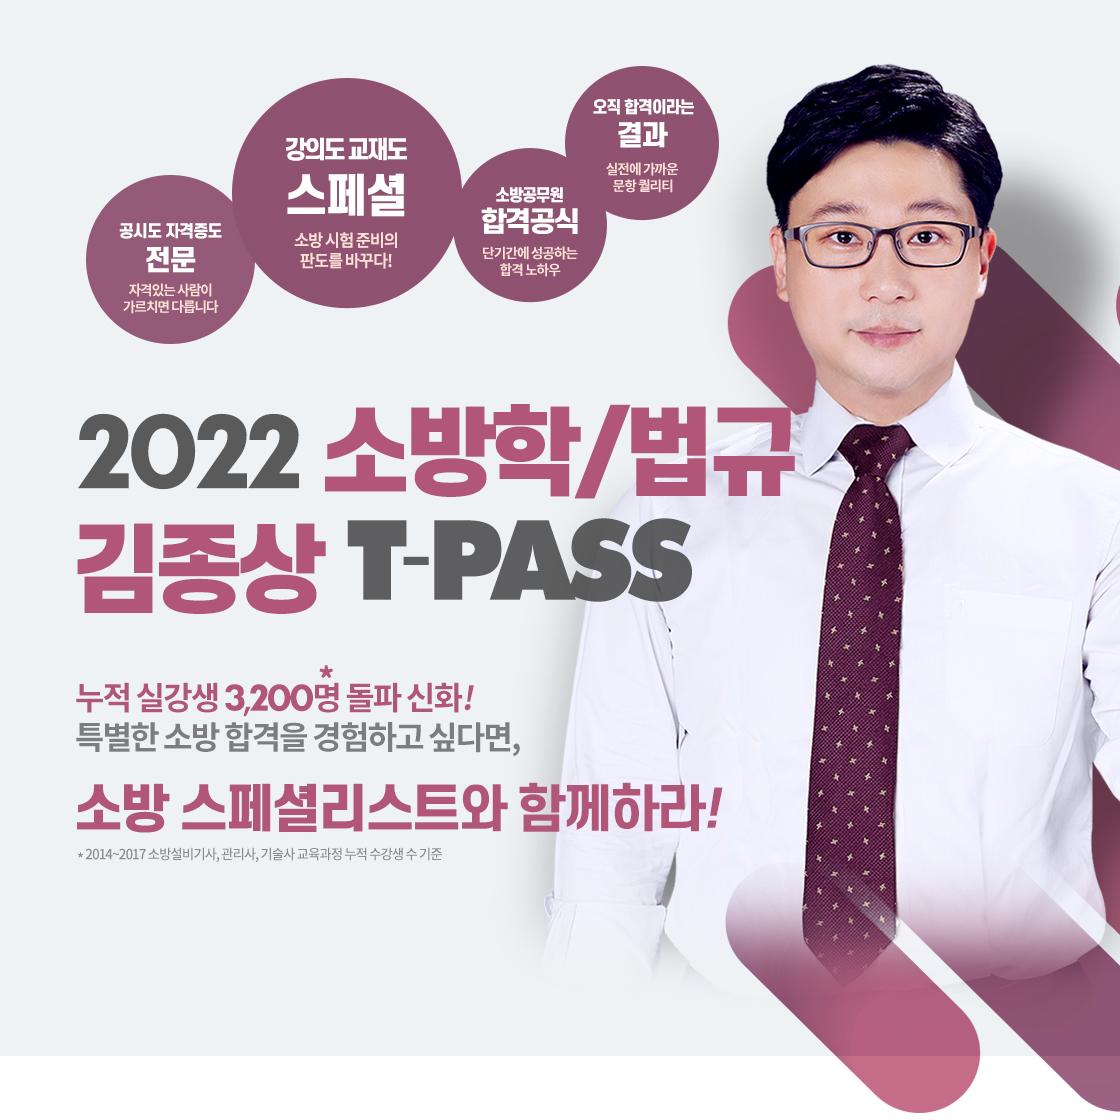 김종상 T-PASS